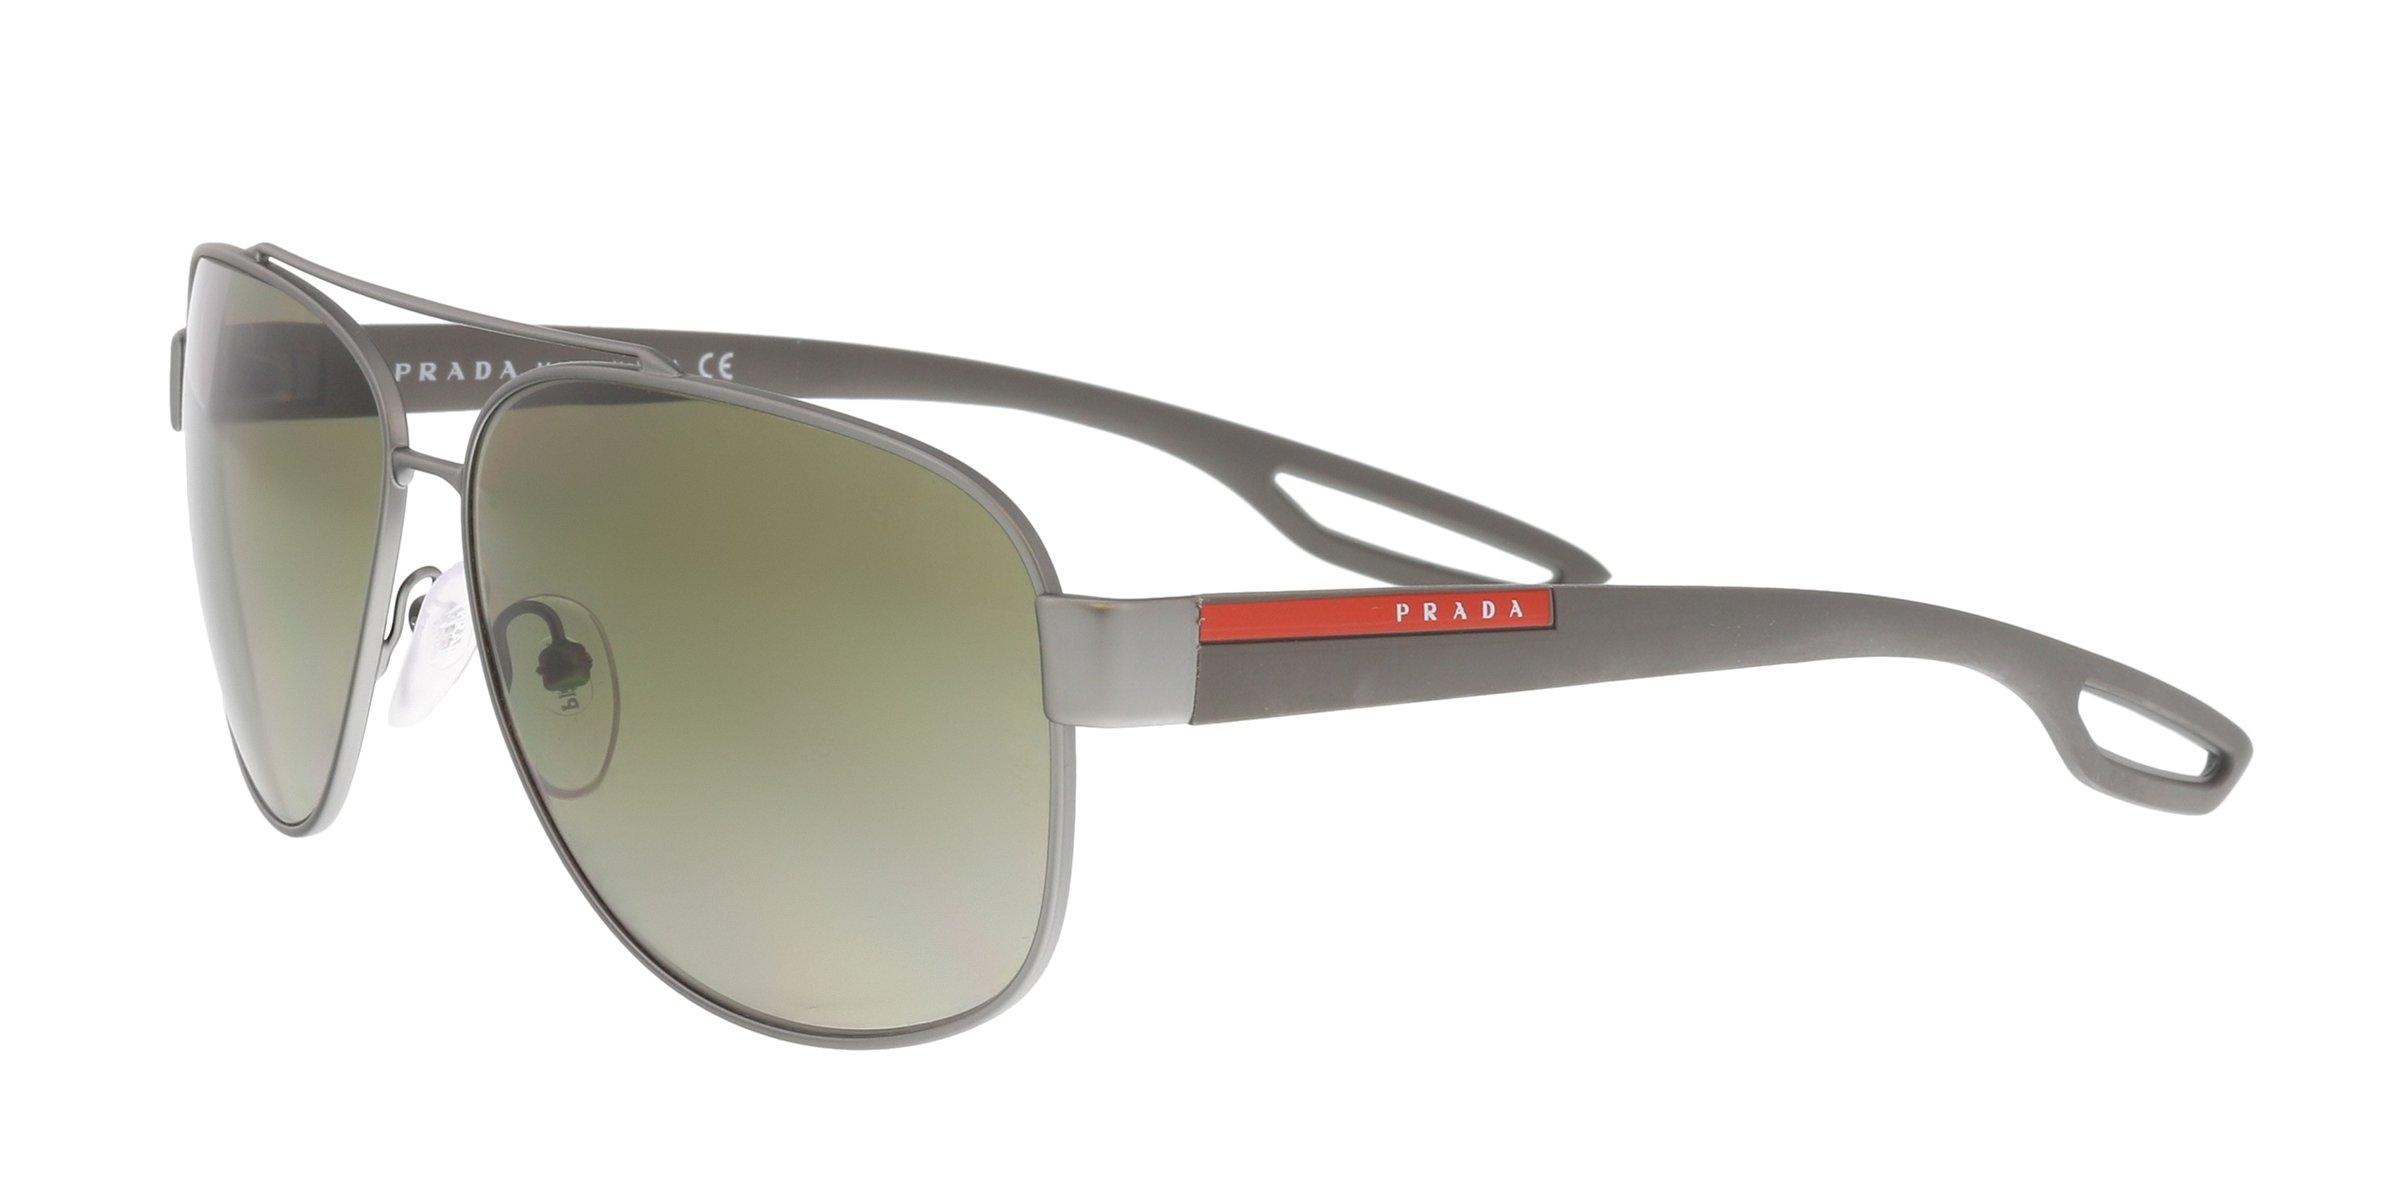 Sunglasses Prada Linea Rossa PS 58 QS DG11X1 GUNMETAL RUBBER by Prada